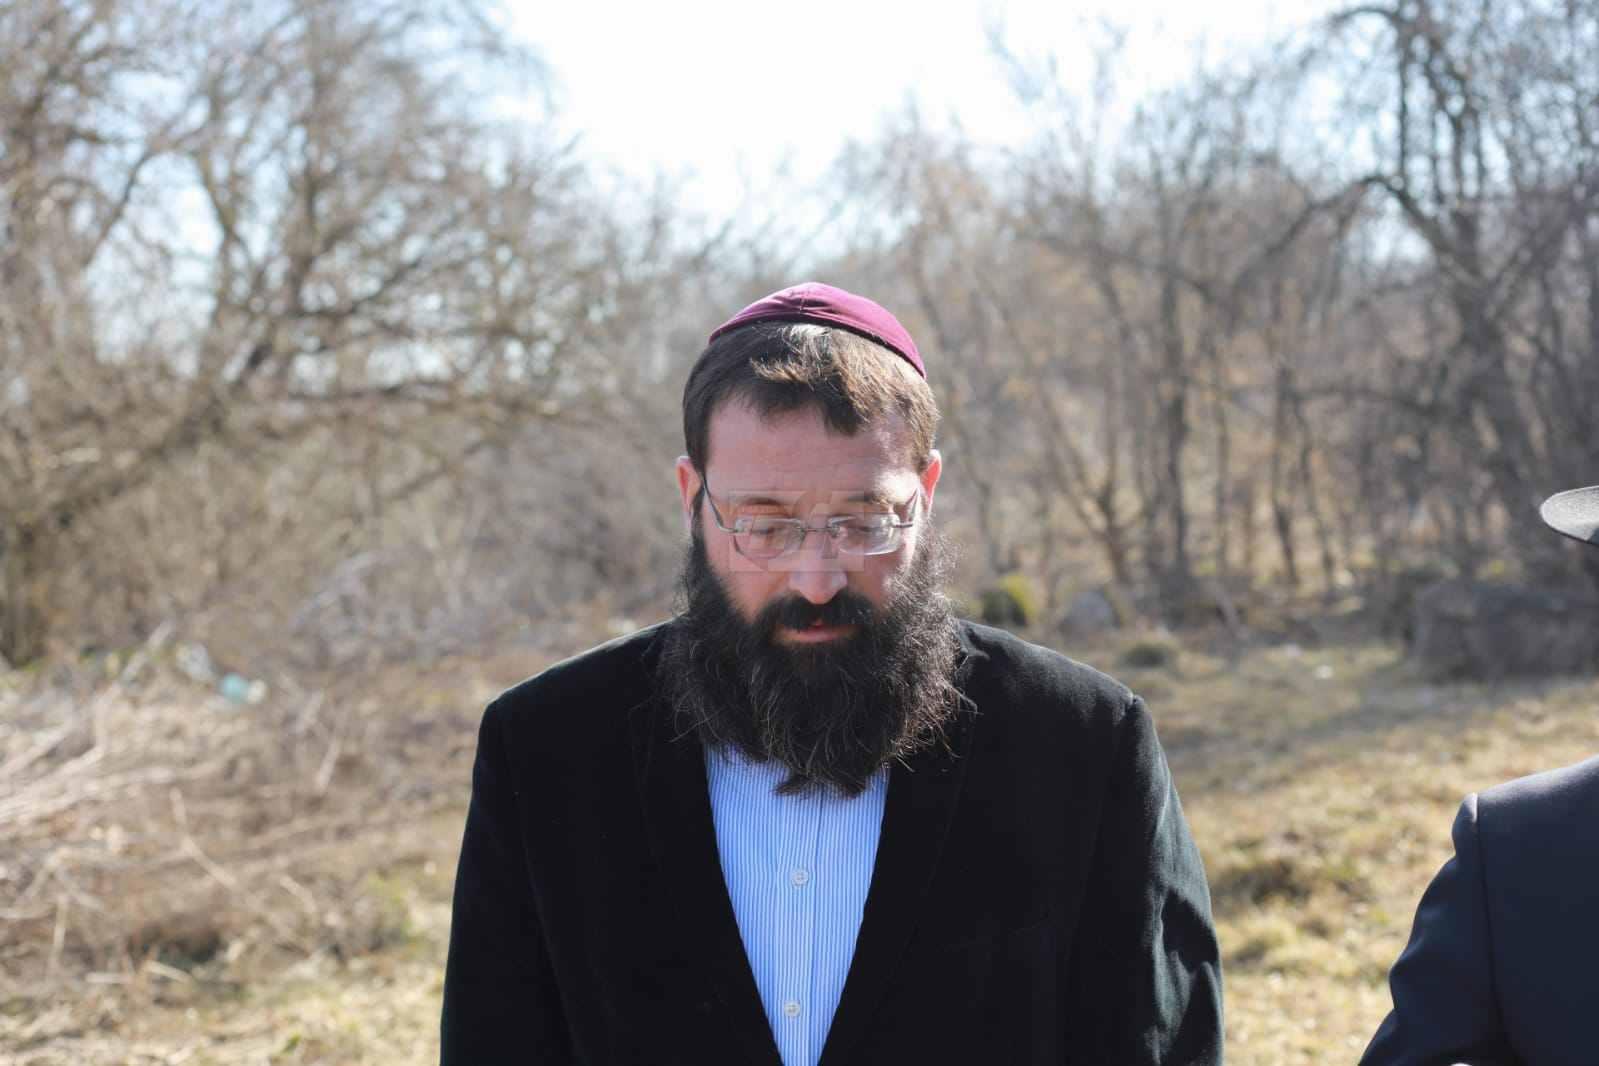 מסע שפירא יום ג' צילום יעקב נחומי (25)